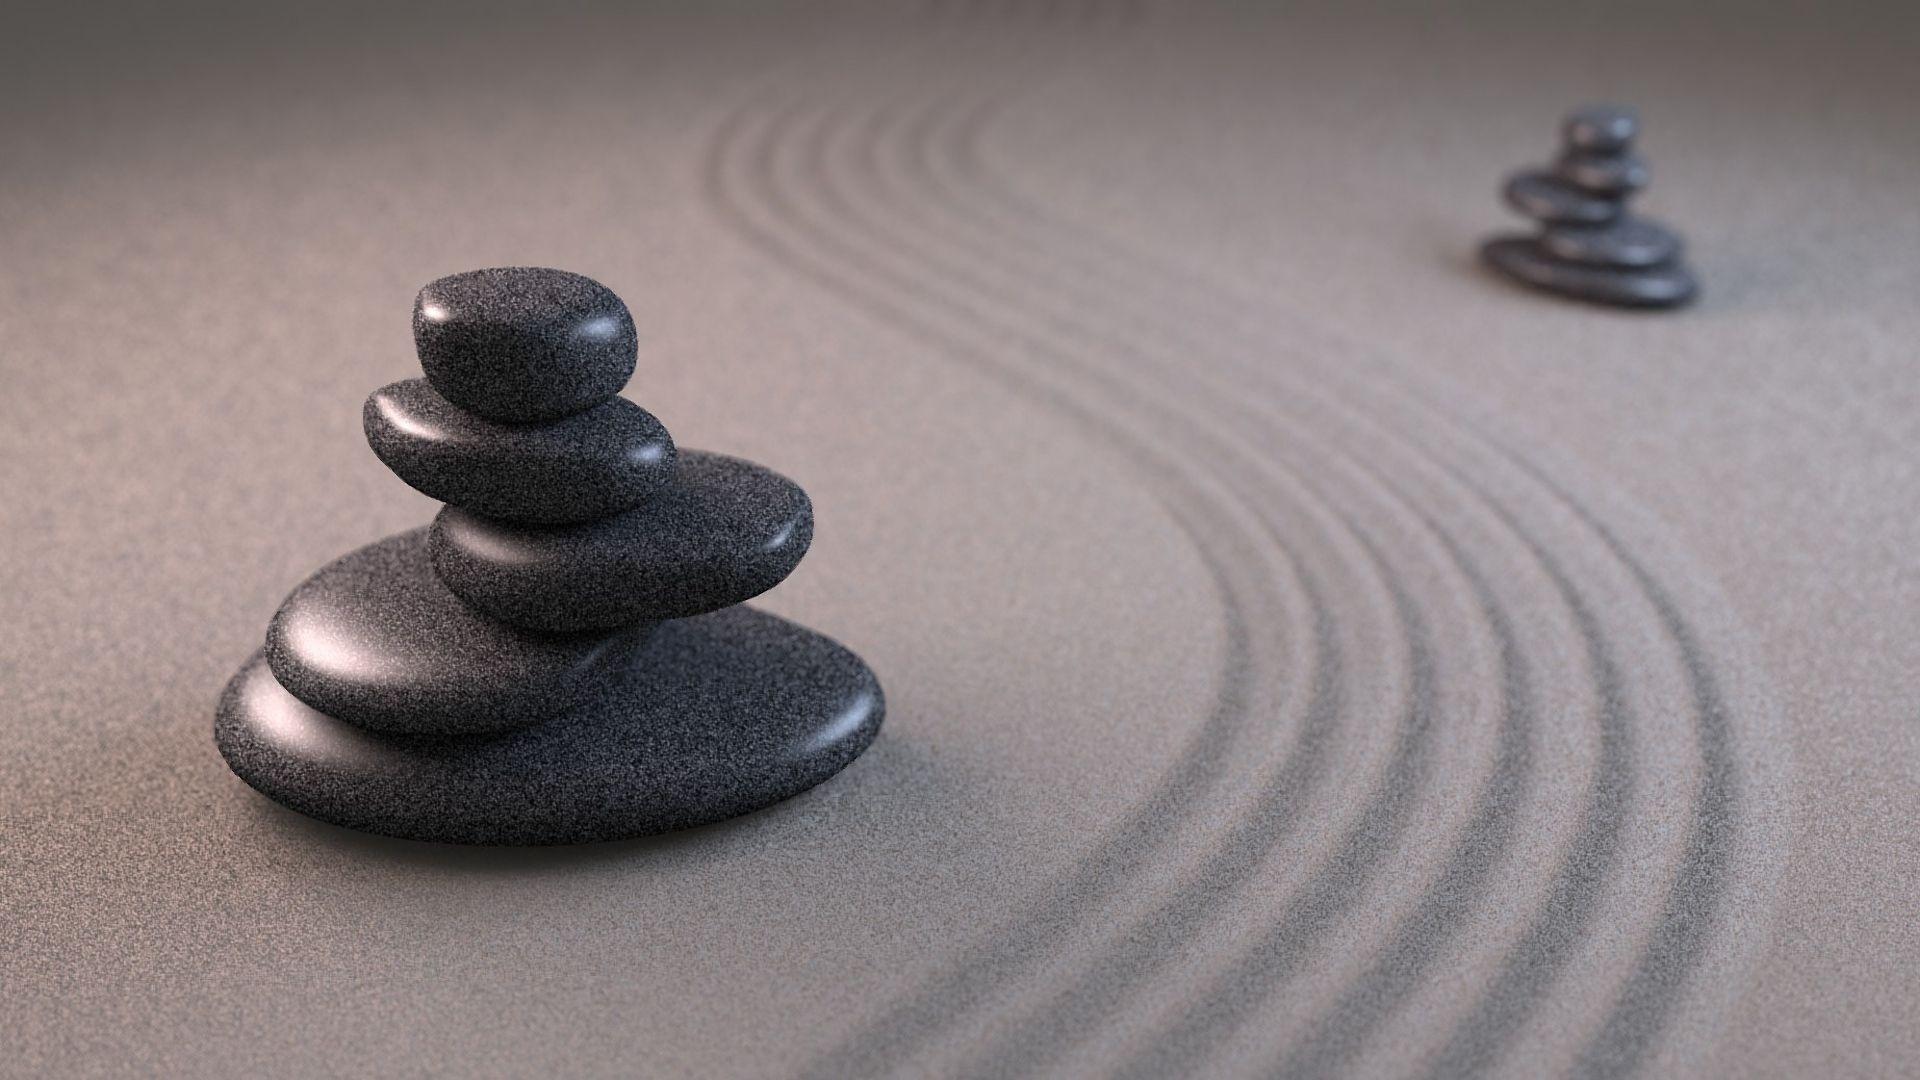 Zen Stones Hd Wallpaper Backiee Free Ultra Hd Wallpaper Platform